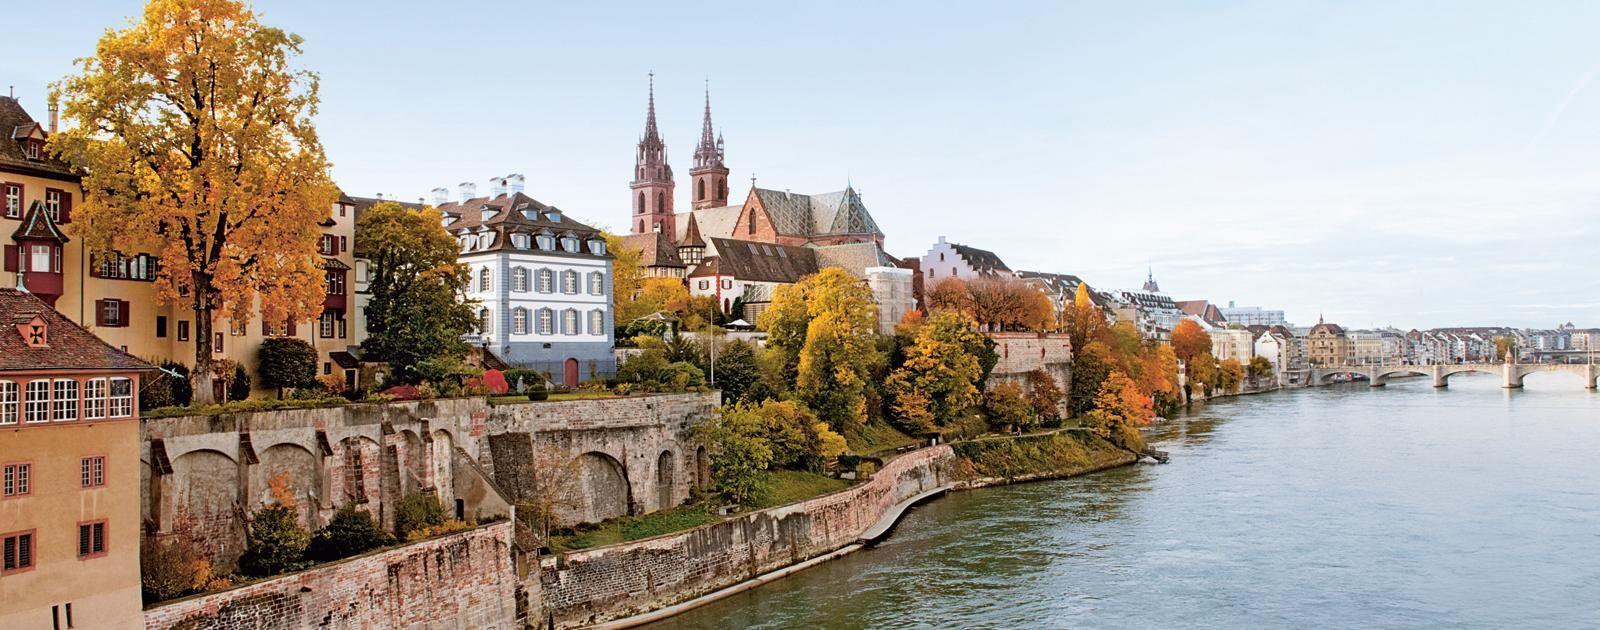 Базель город в Швейцарии достопримечательности фото